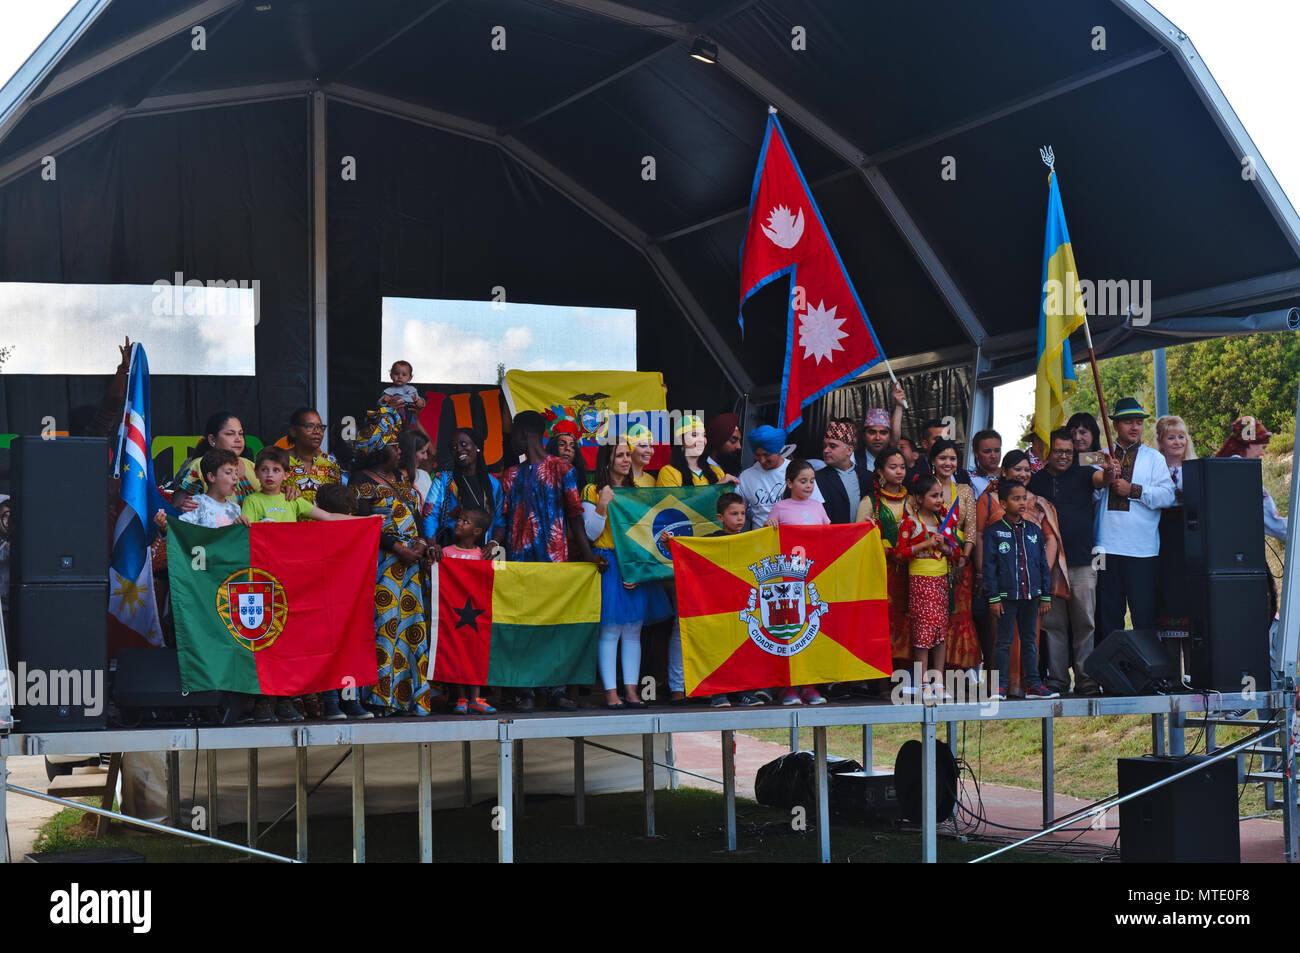 IV Encontro multiculturale (incontro multiculturale) in Albufeira Algarve. Maggio 25th, 2018 Immagini Stock